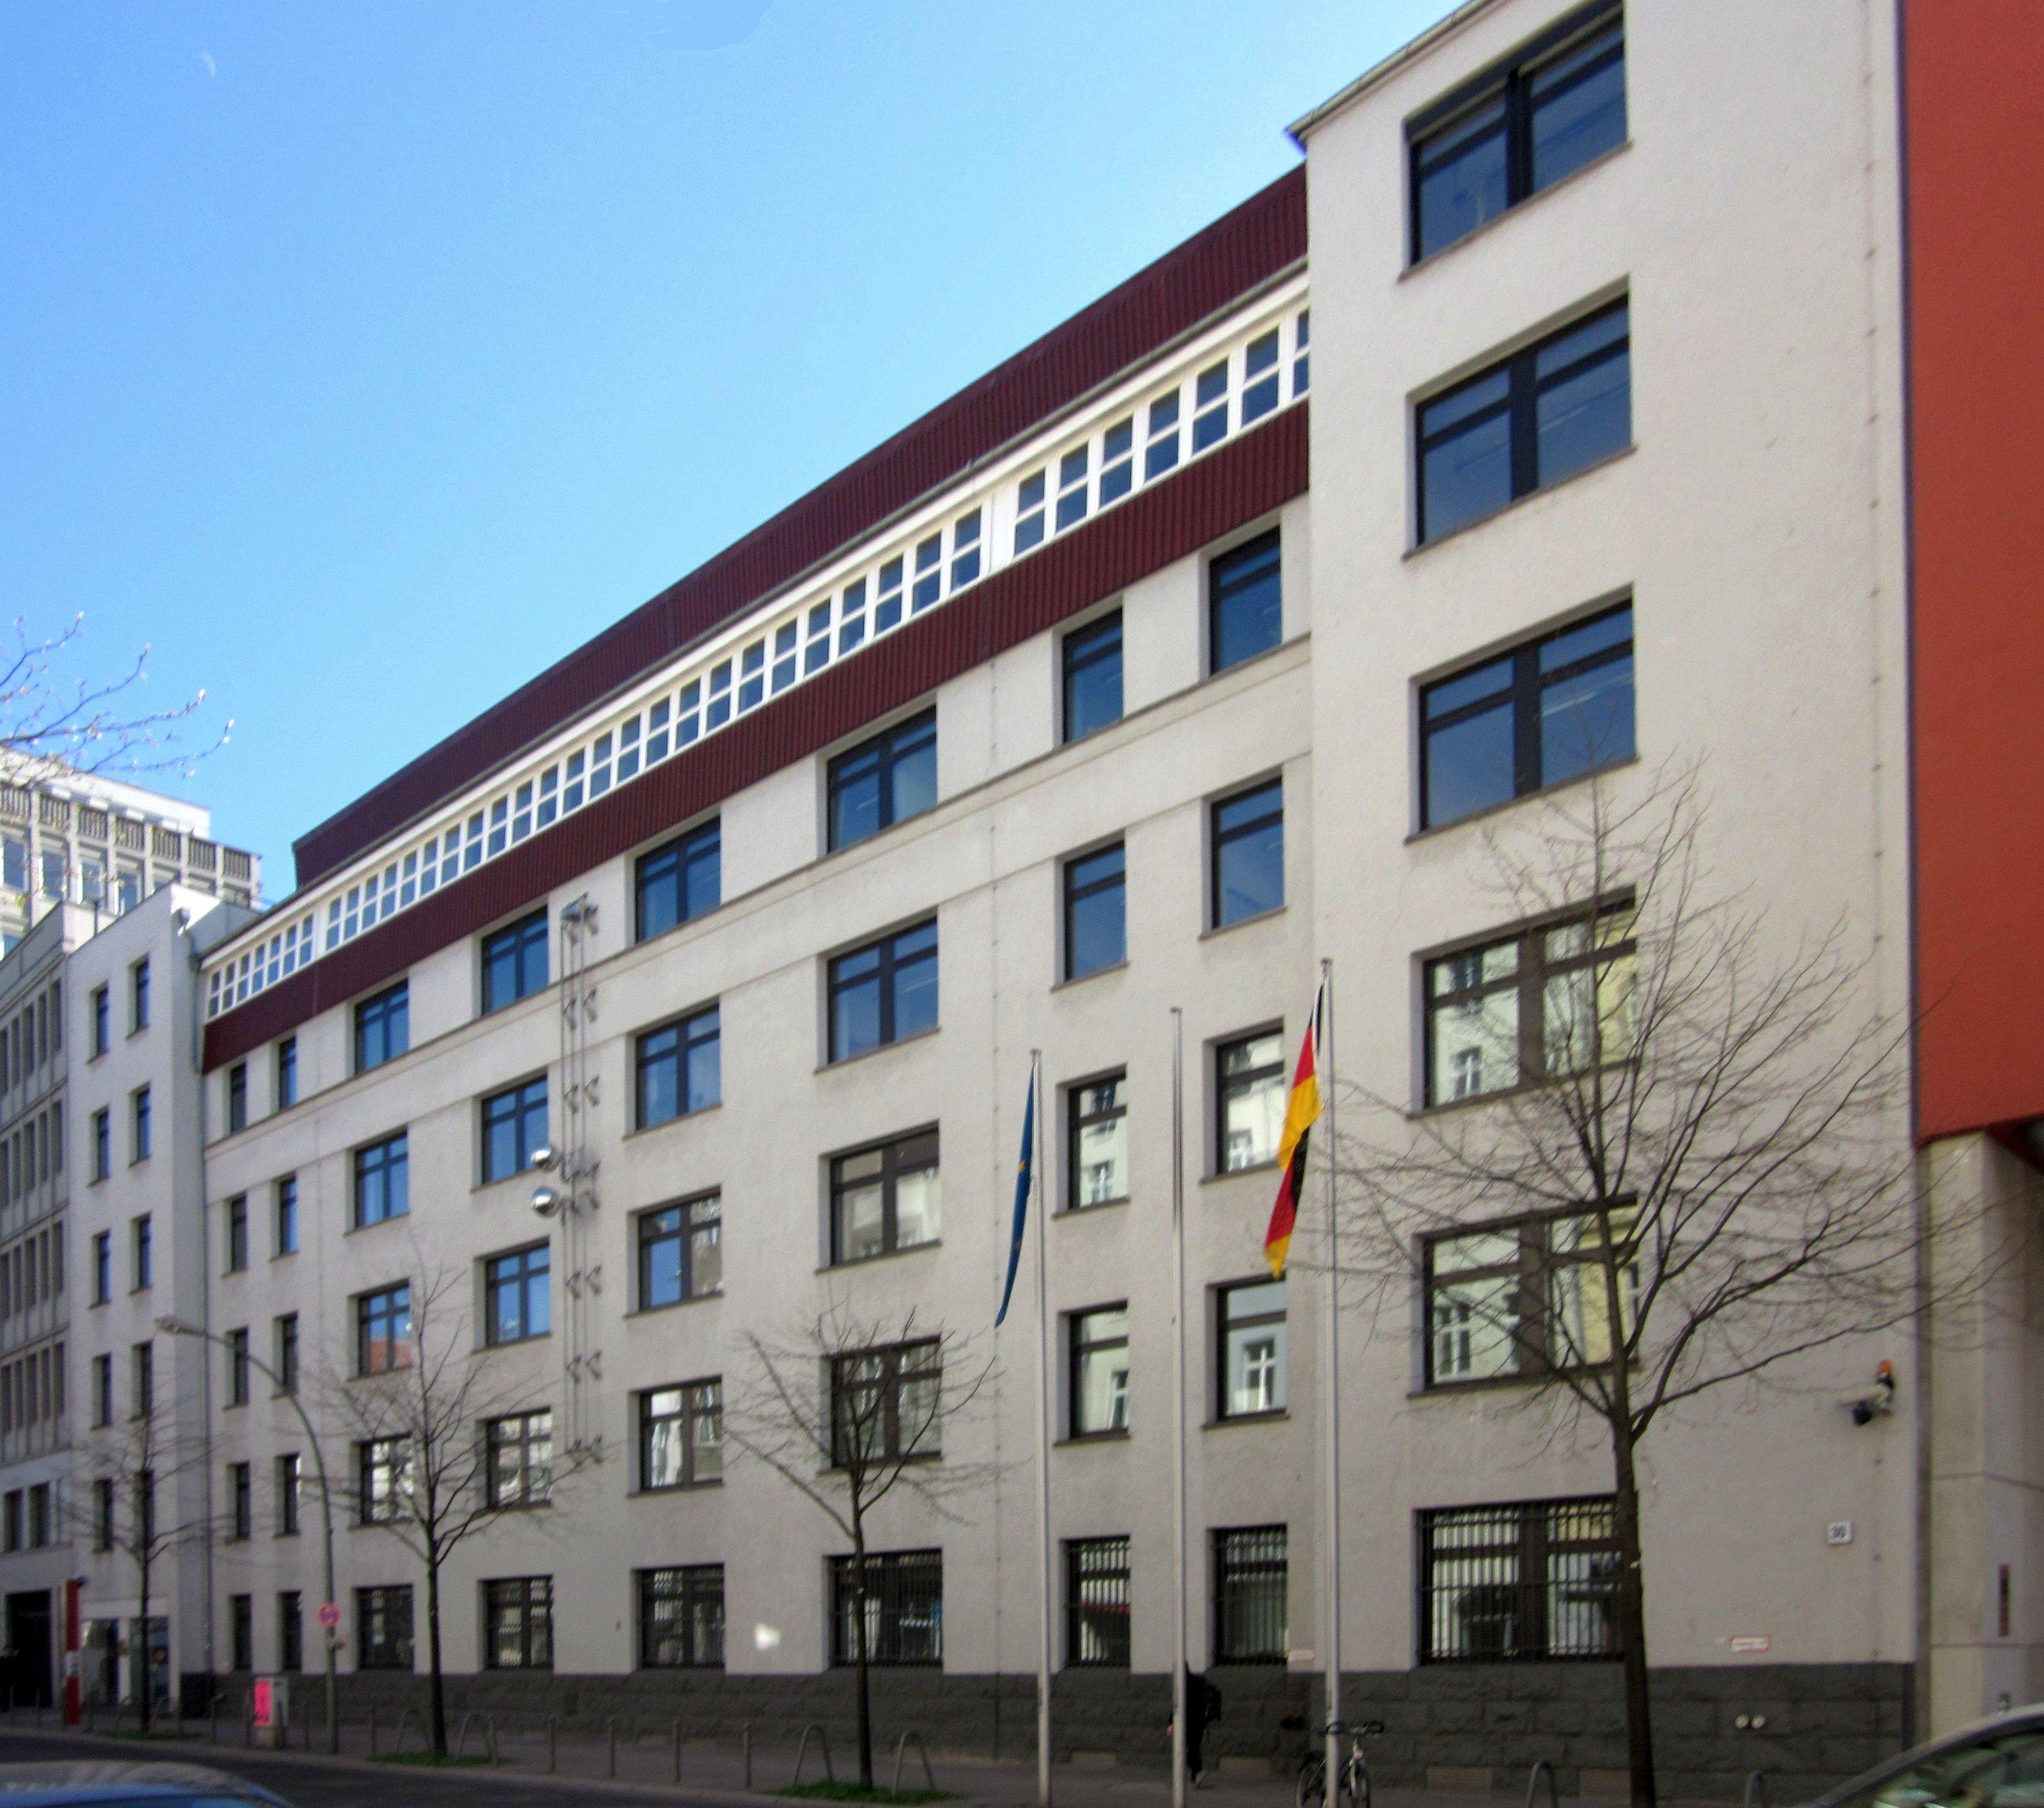 Berlin,_Mitte,_Hannoversche_Strasse_30,_Bundesministerium_für_Bildung_und_Forschung.jpg